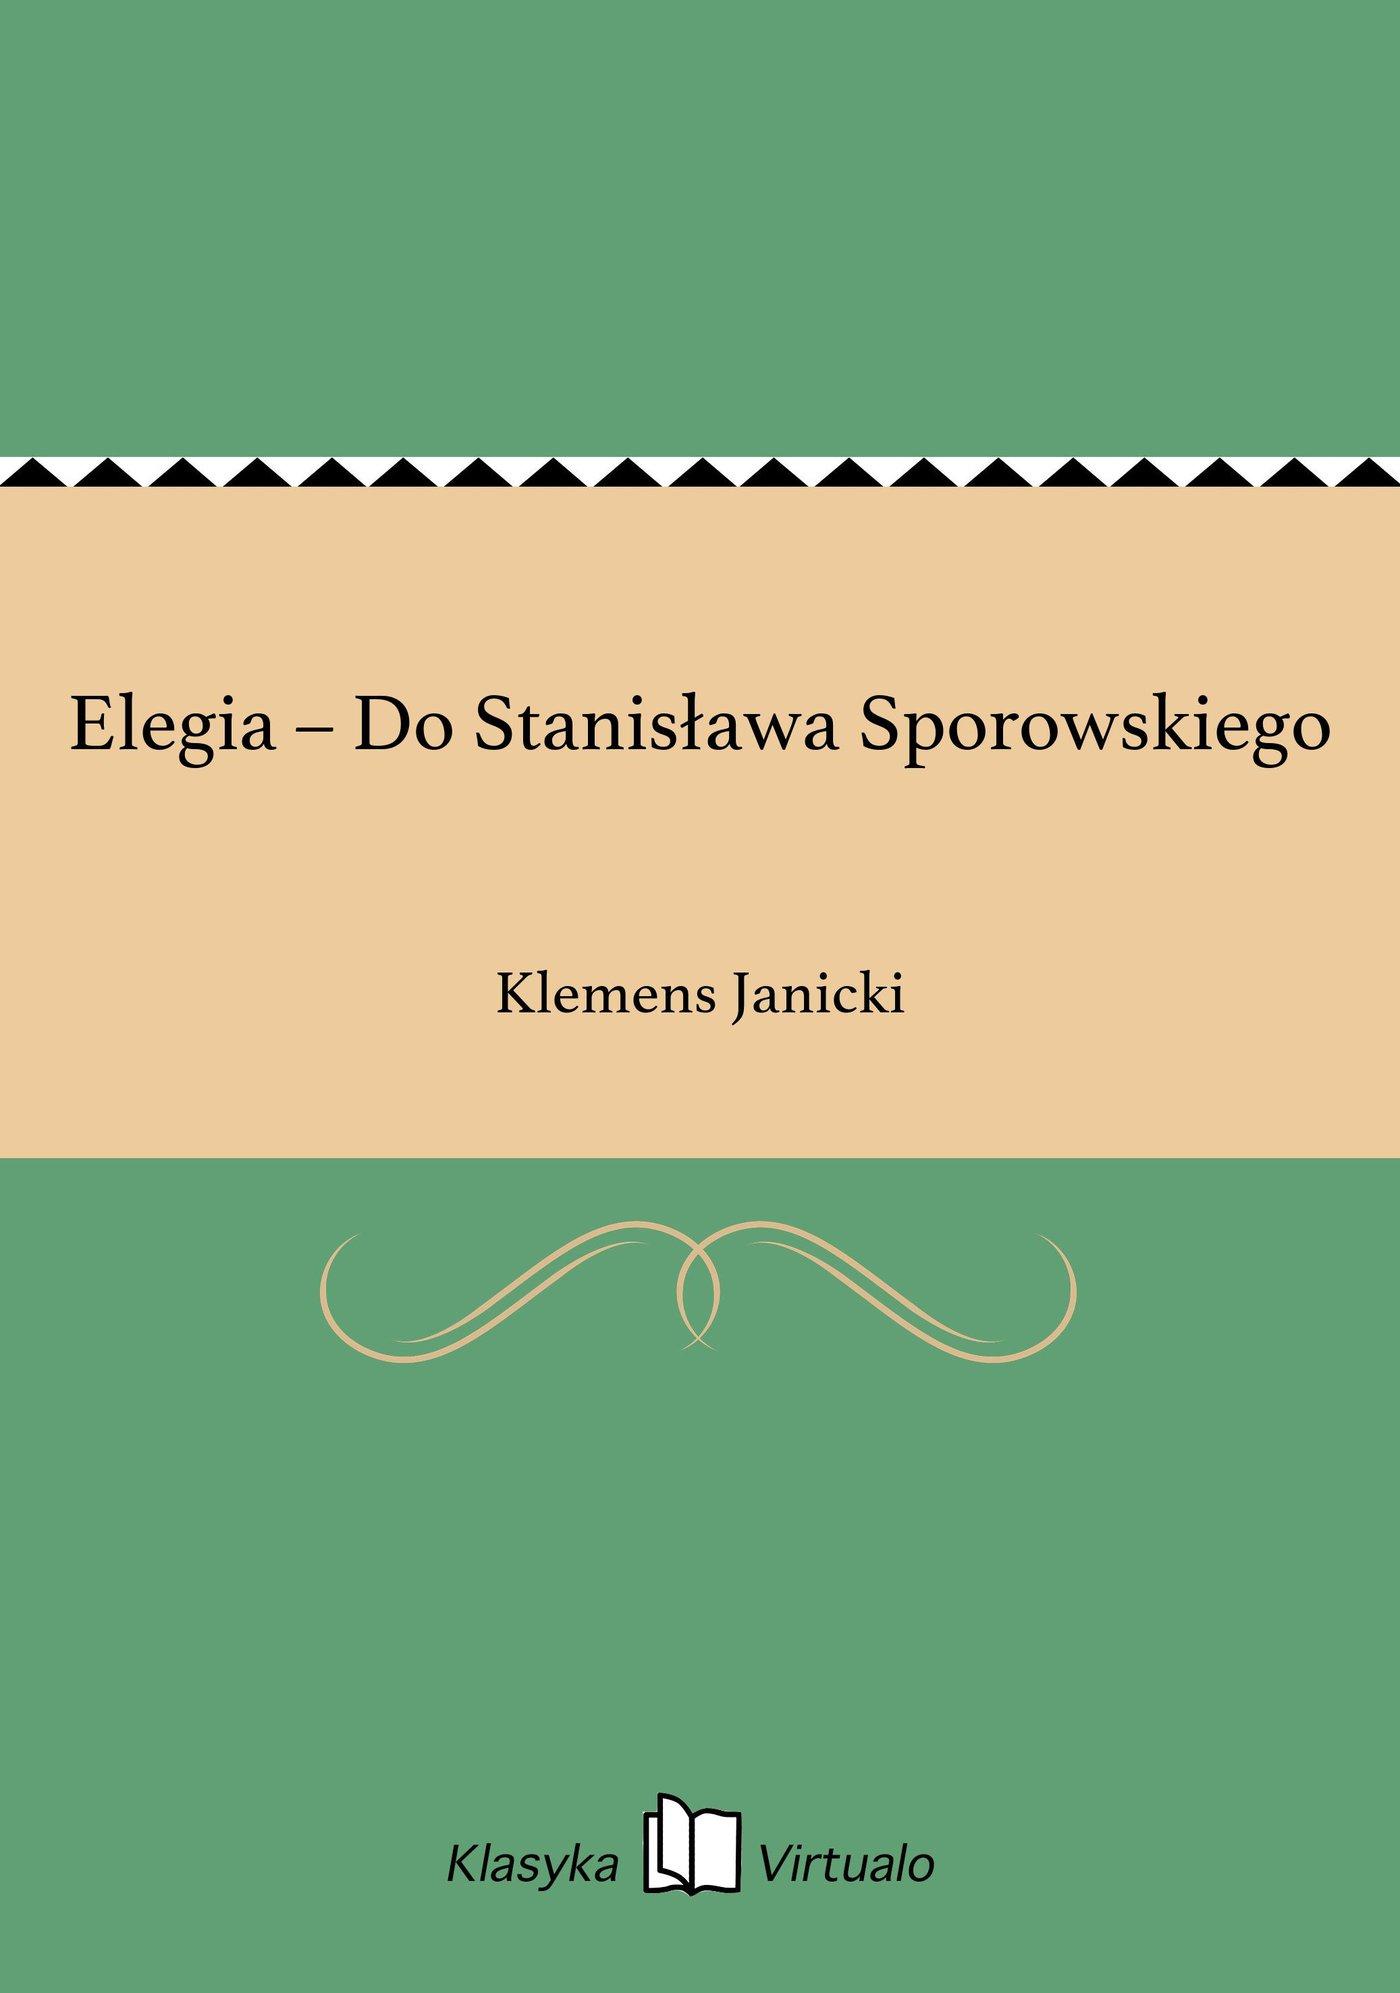 Elegia – Do Stanisława Sporowskiego - Ebook (Książka na Kindle) do pobrania w formacie MOBI